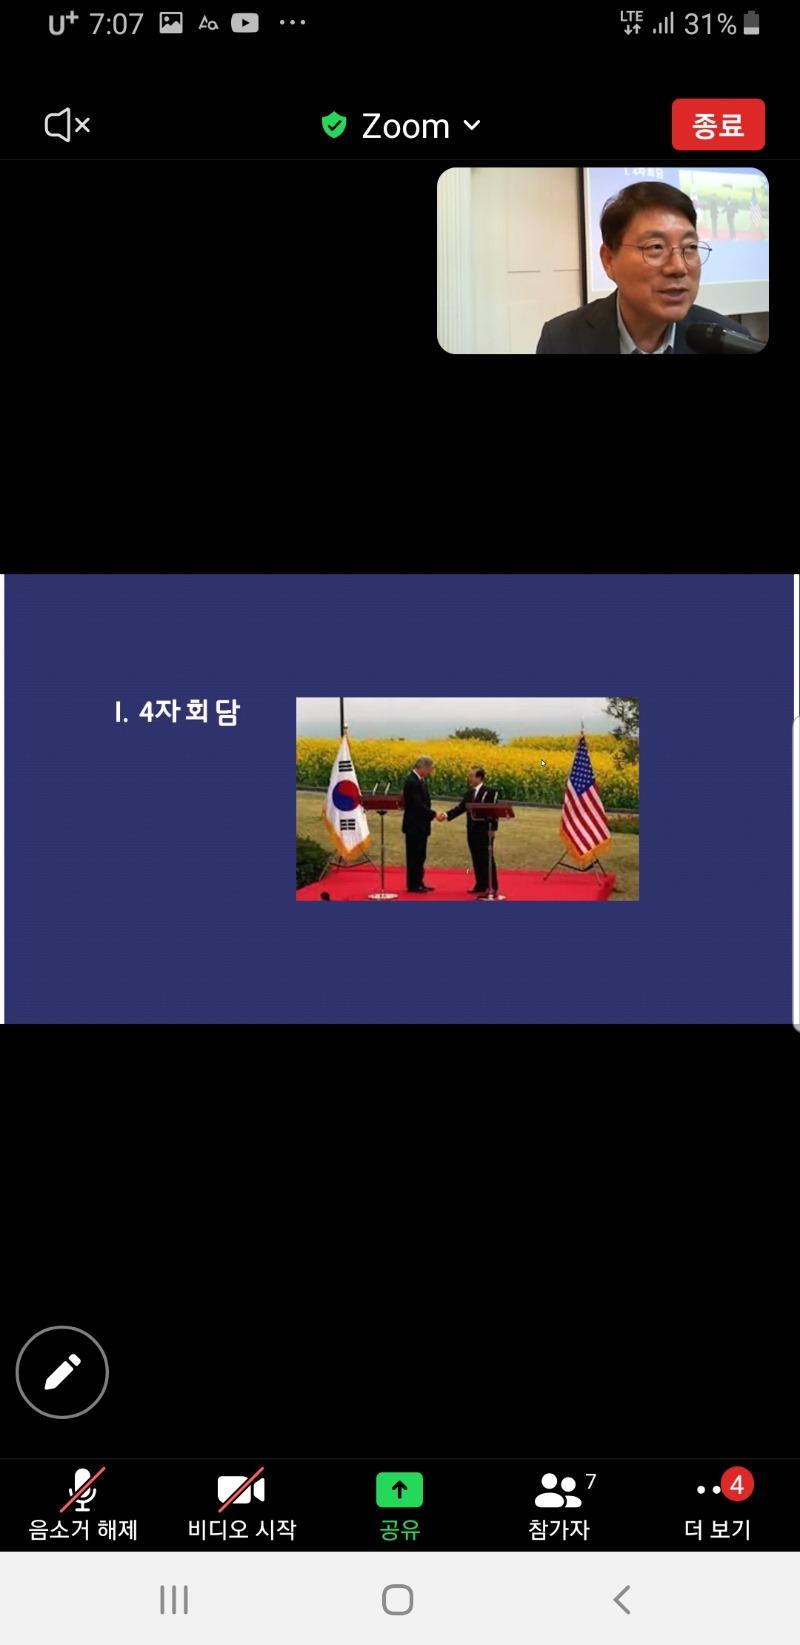 제11기 대북협상 아카데미 제7강 비대면 강의사진4.jpg